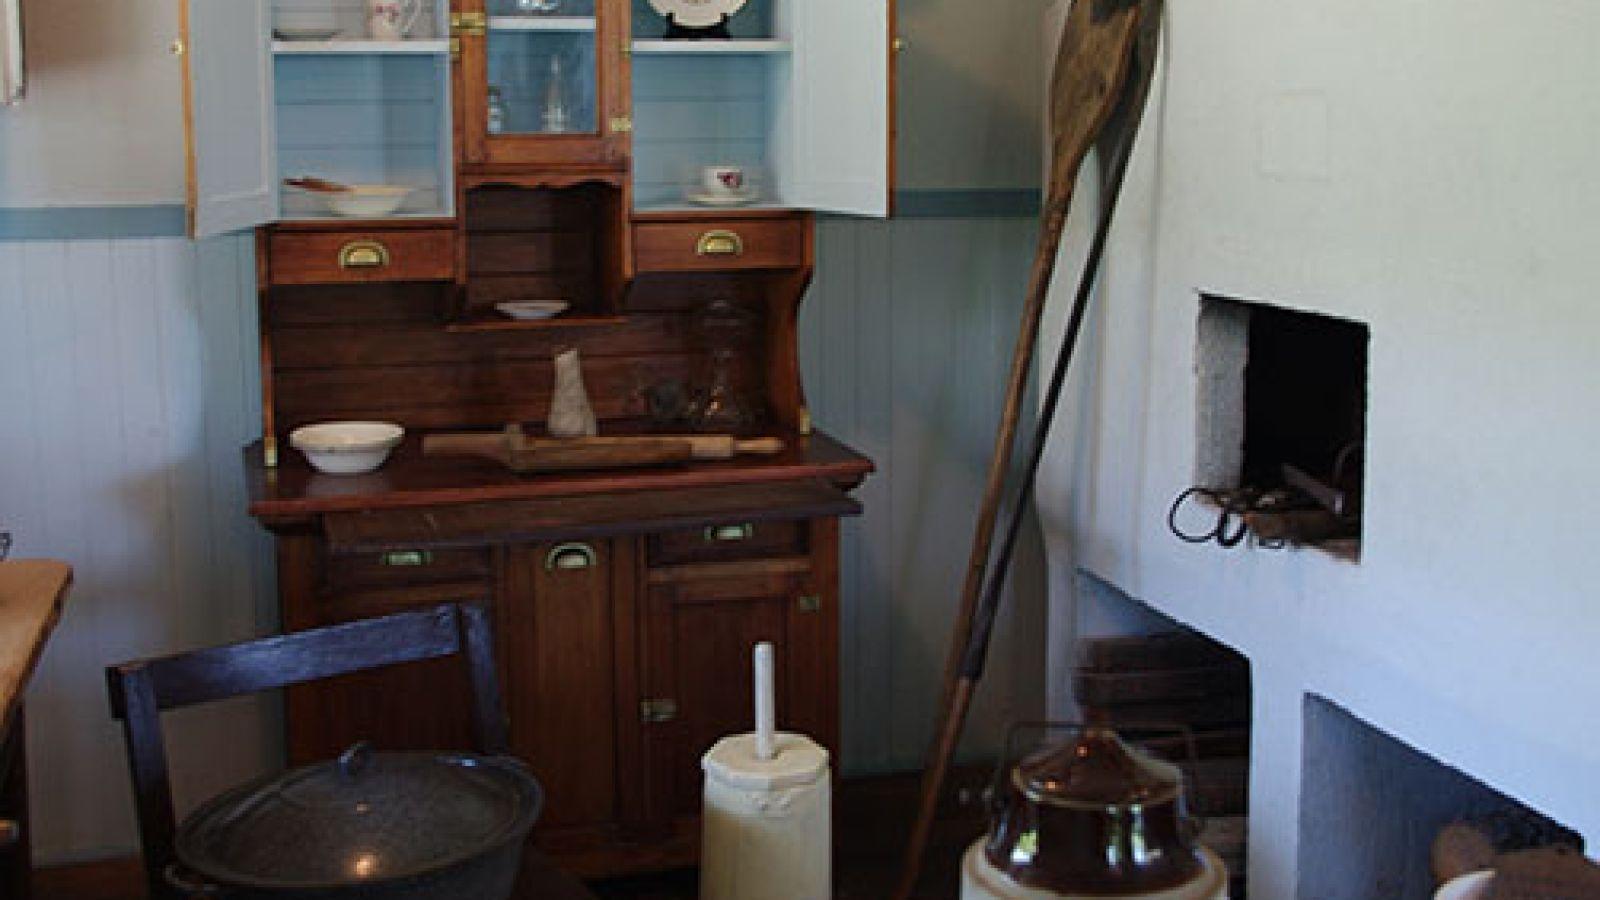 Communal kitchen.